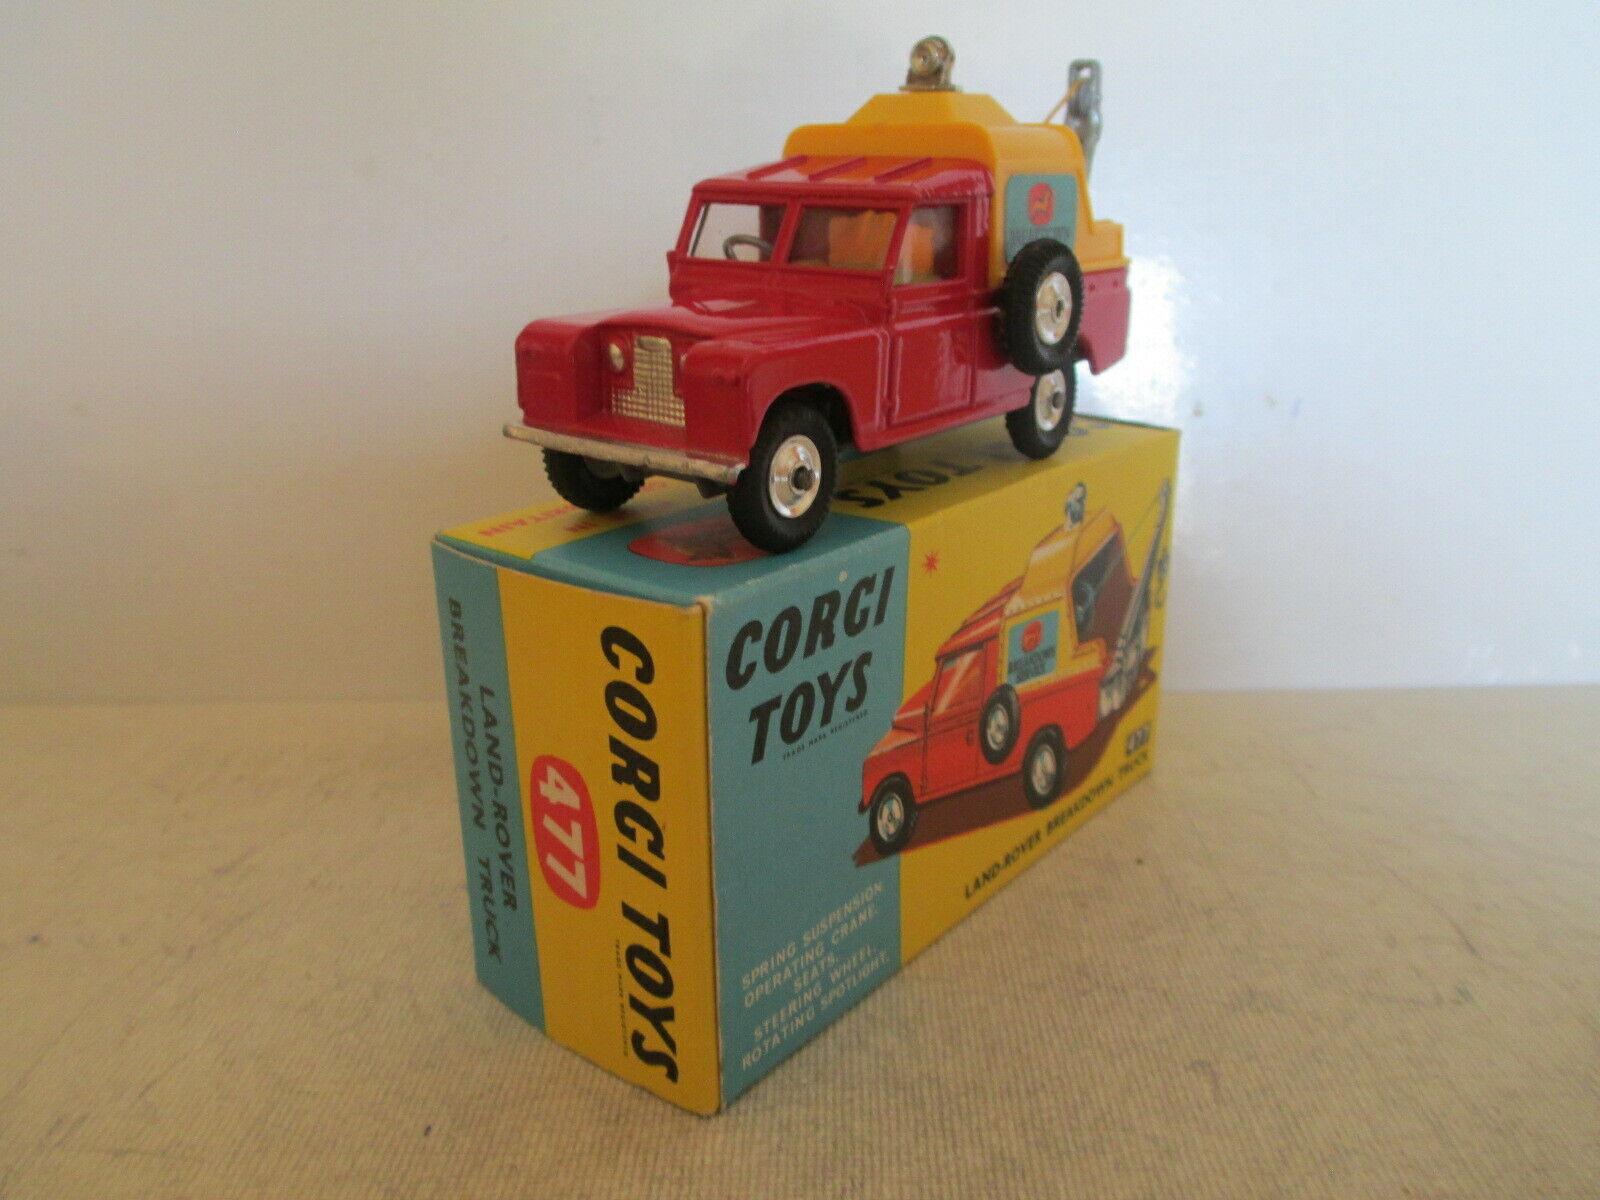 CORGI giocattoli 477 Le ROVER BREAKDOWN TRUCK MIB 9 EN BOITE VERY NICE L@@K